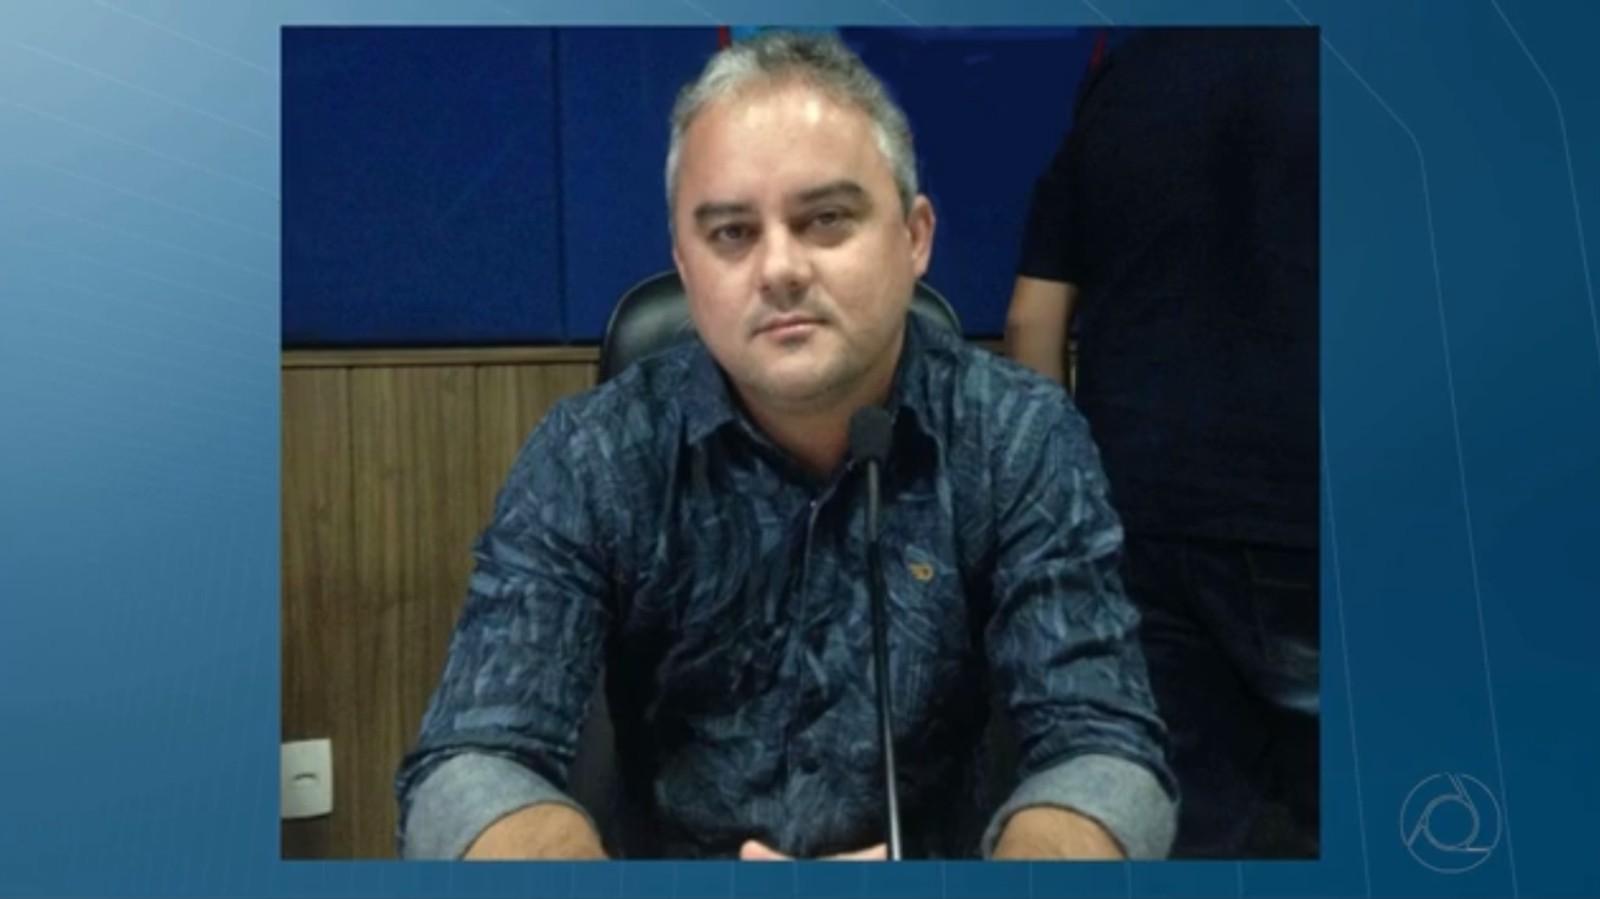 Justiça Eleitoral nega registro de candidatura de Renato Mendes à Prefeitura de Alhandra, PB